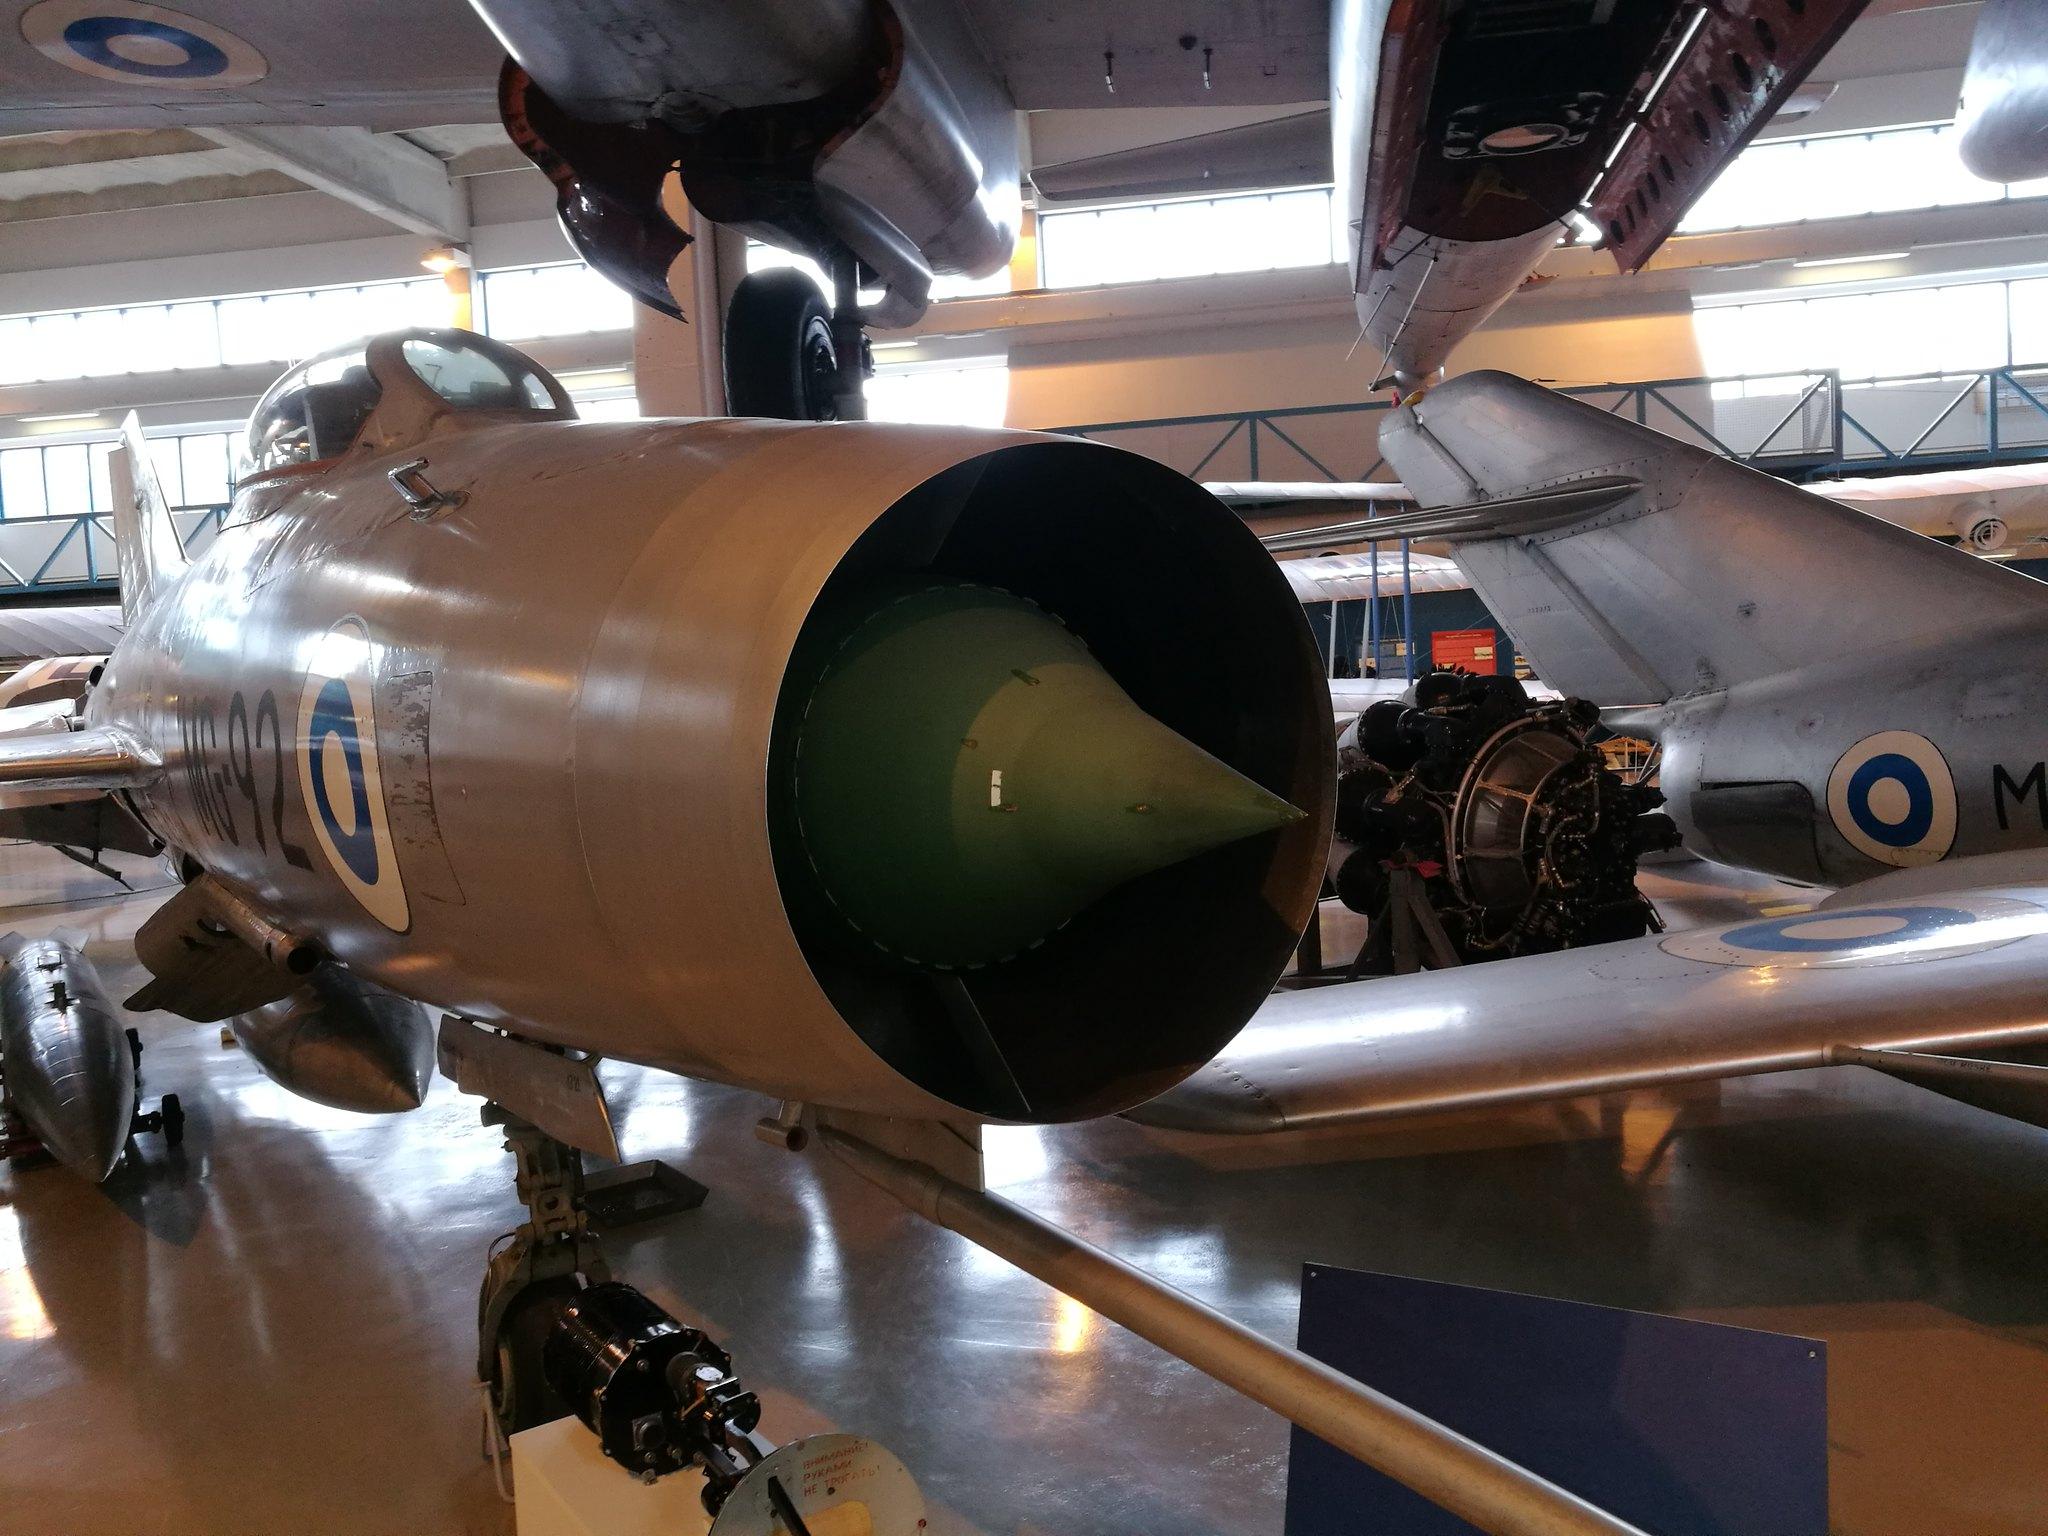 Hemkommen från semester i Finland med utflykt till Finlands Flygvapenmuseum. 48287370431_dc3d58c893_k